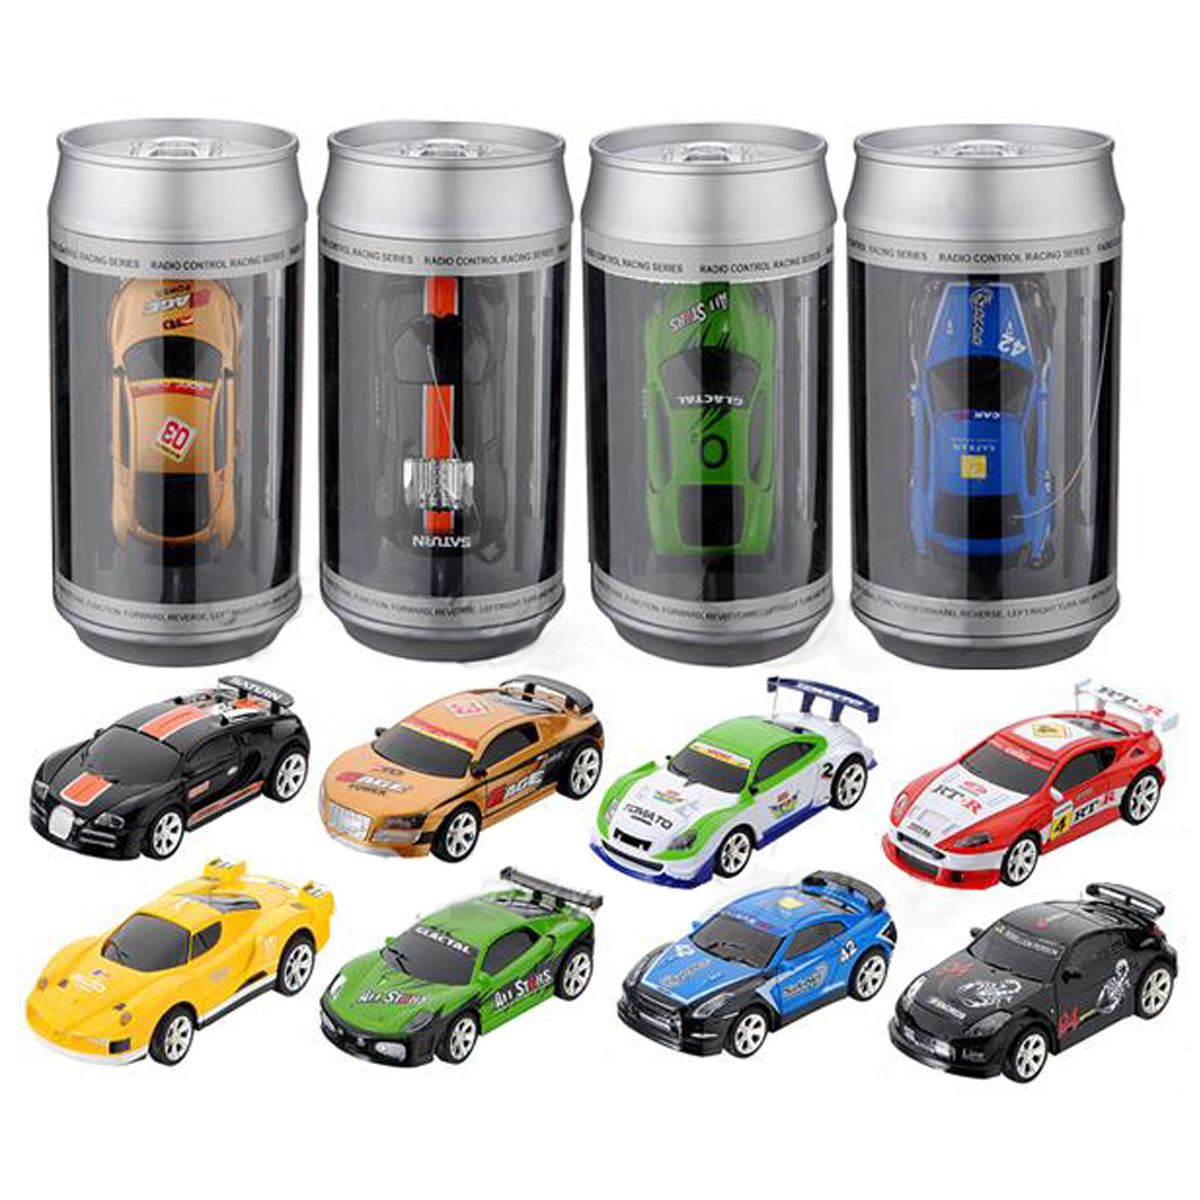 8 farben Heiße Verkäufe 20 KM/H Koks Kann Mini RC Auto Radio Fernbedienung Micro Racing Auto 4 Frequenzen Spielzeug für Kinder